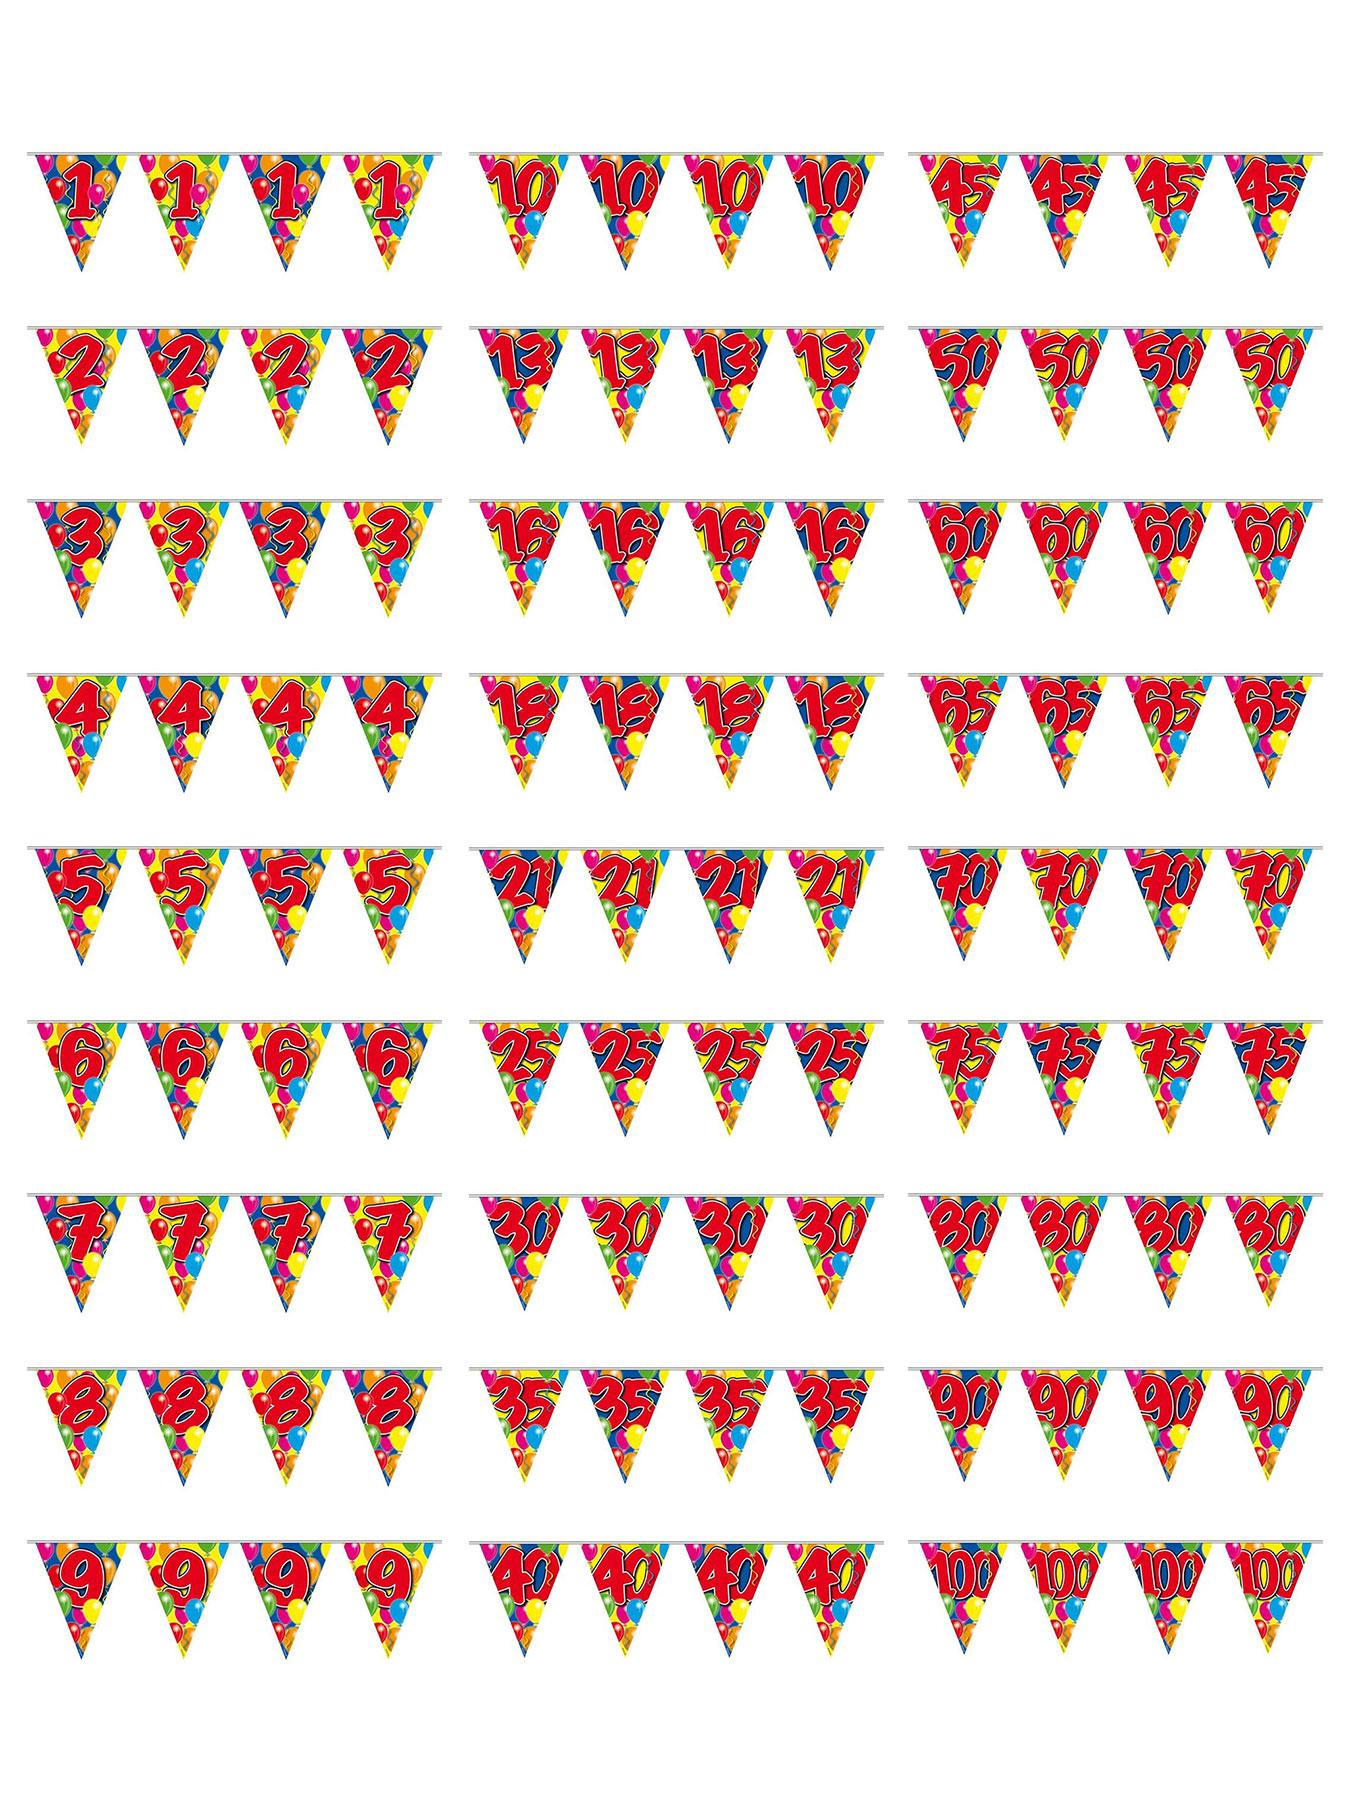 Geburtstag bunt L=10 m Girlande Party Fest Feier Jubiläum Wimpelkette 25